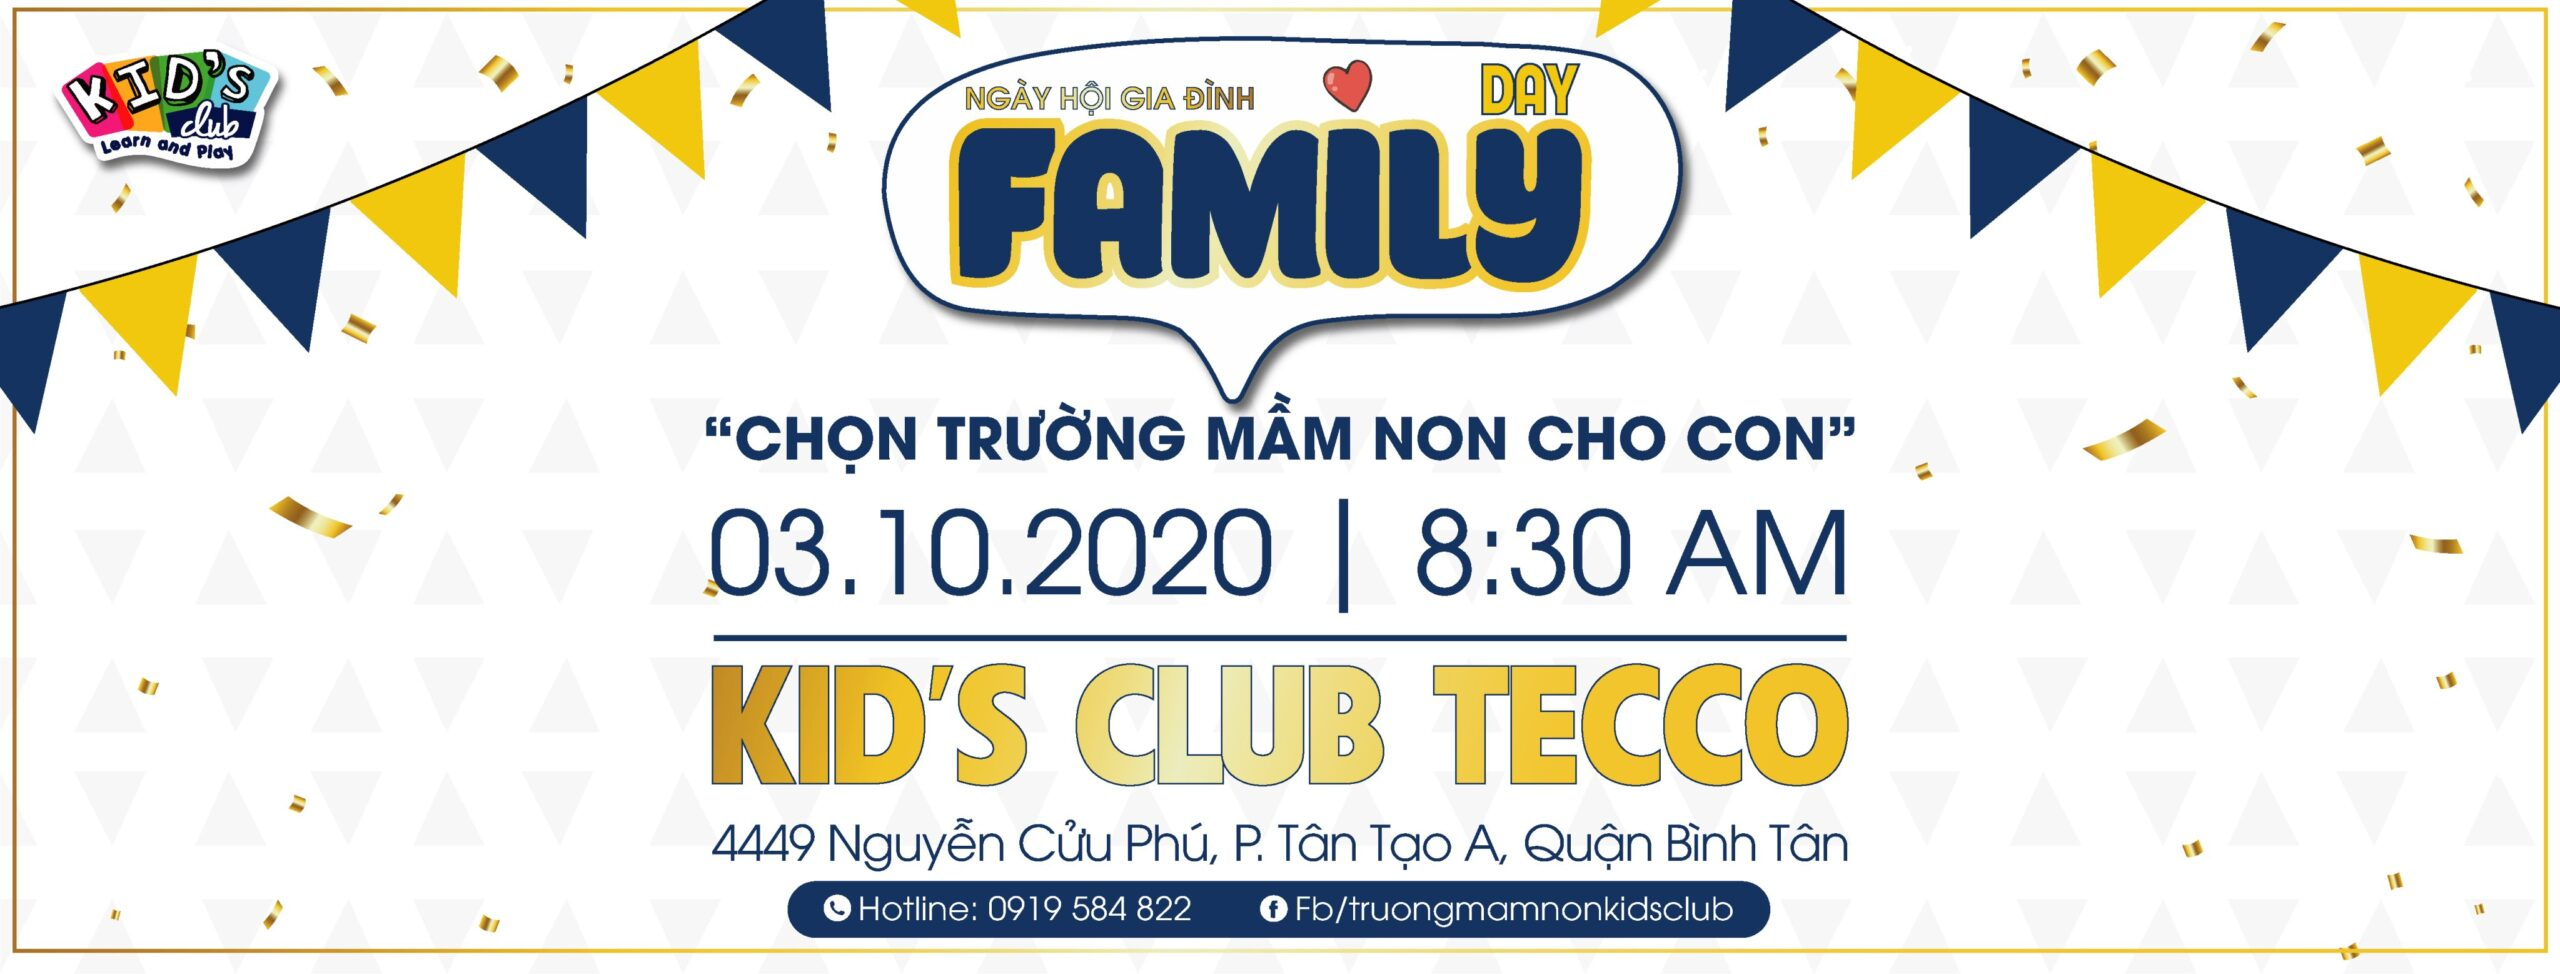 KID'S CLUB TECCO | FAMILY DAY – NGÀY HỘI GIA ĐÌNH